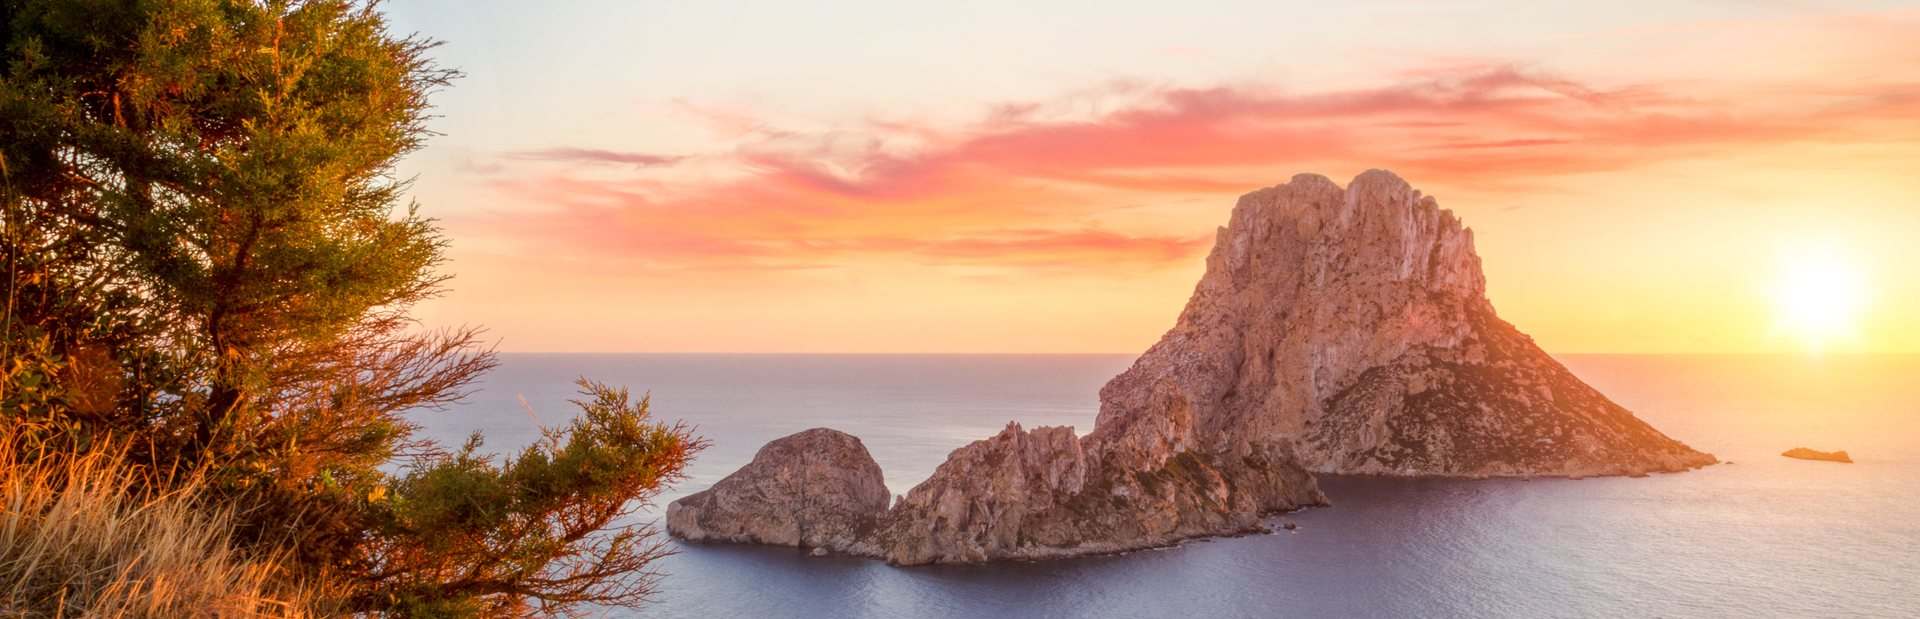 Ibiza photo tour